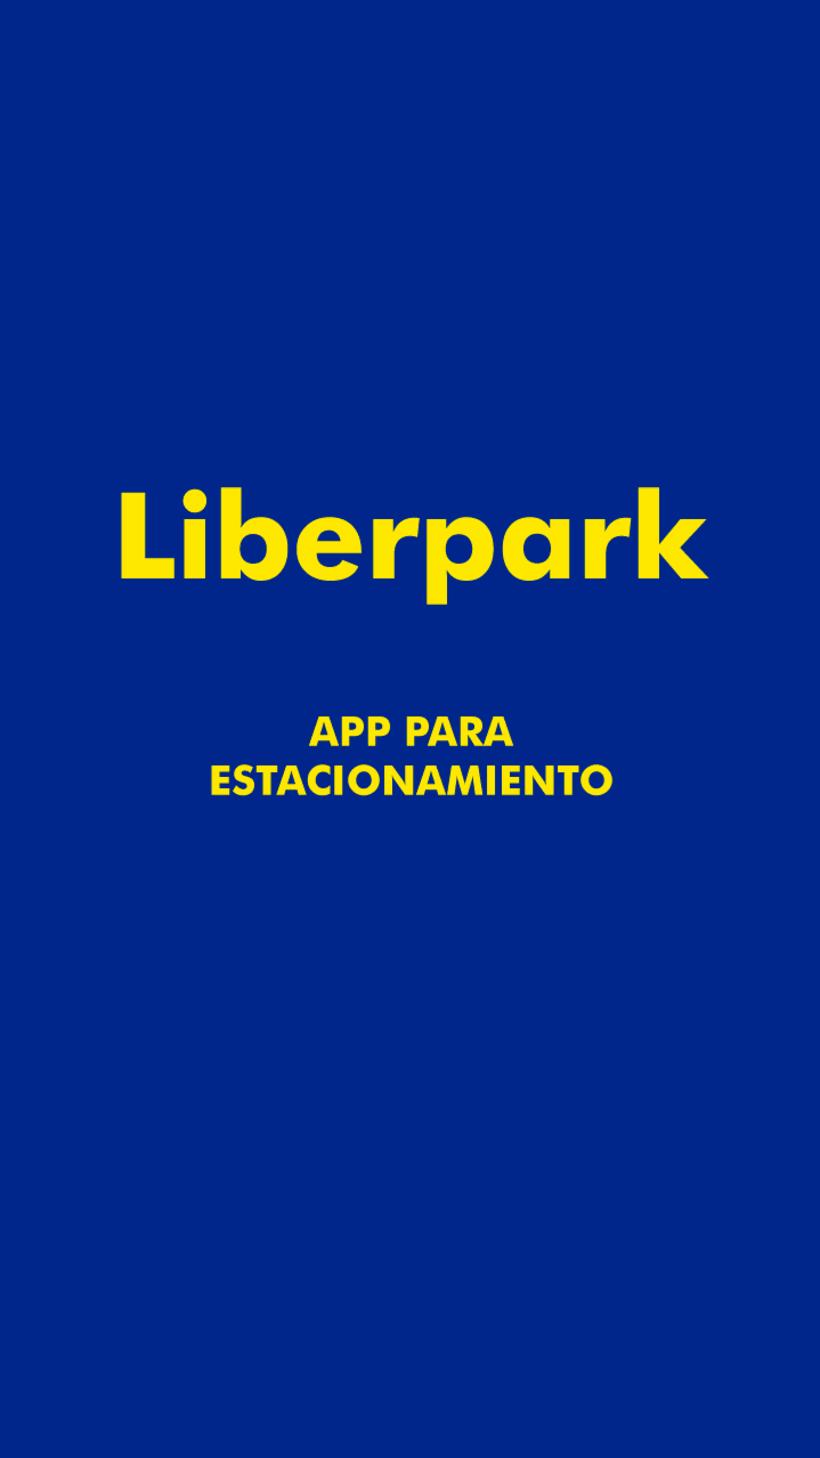 Liberpark APP para estacionamiento -1